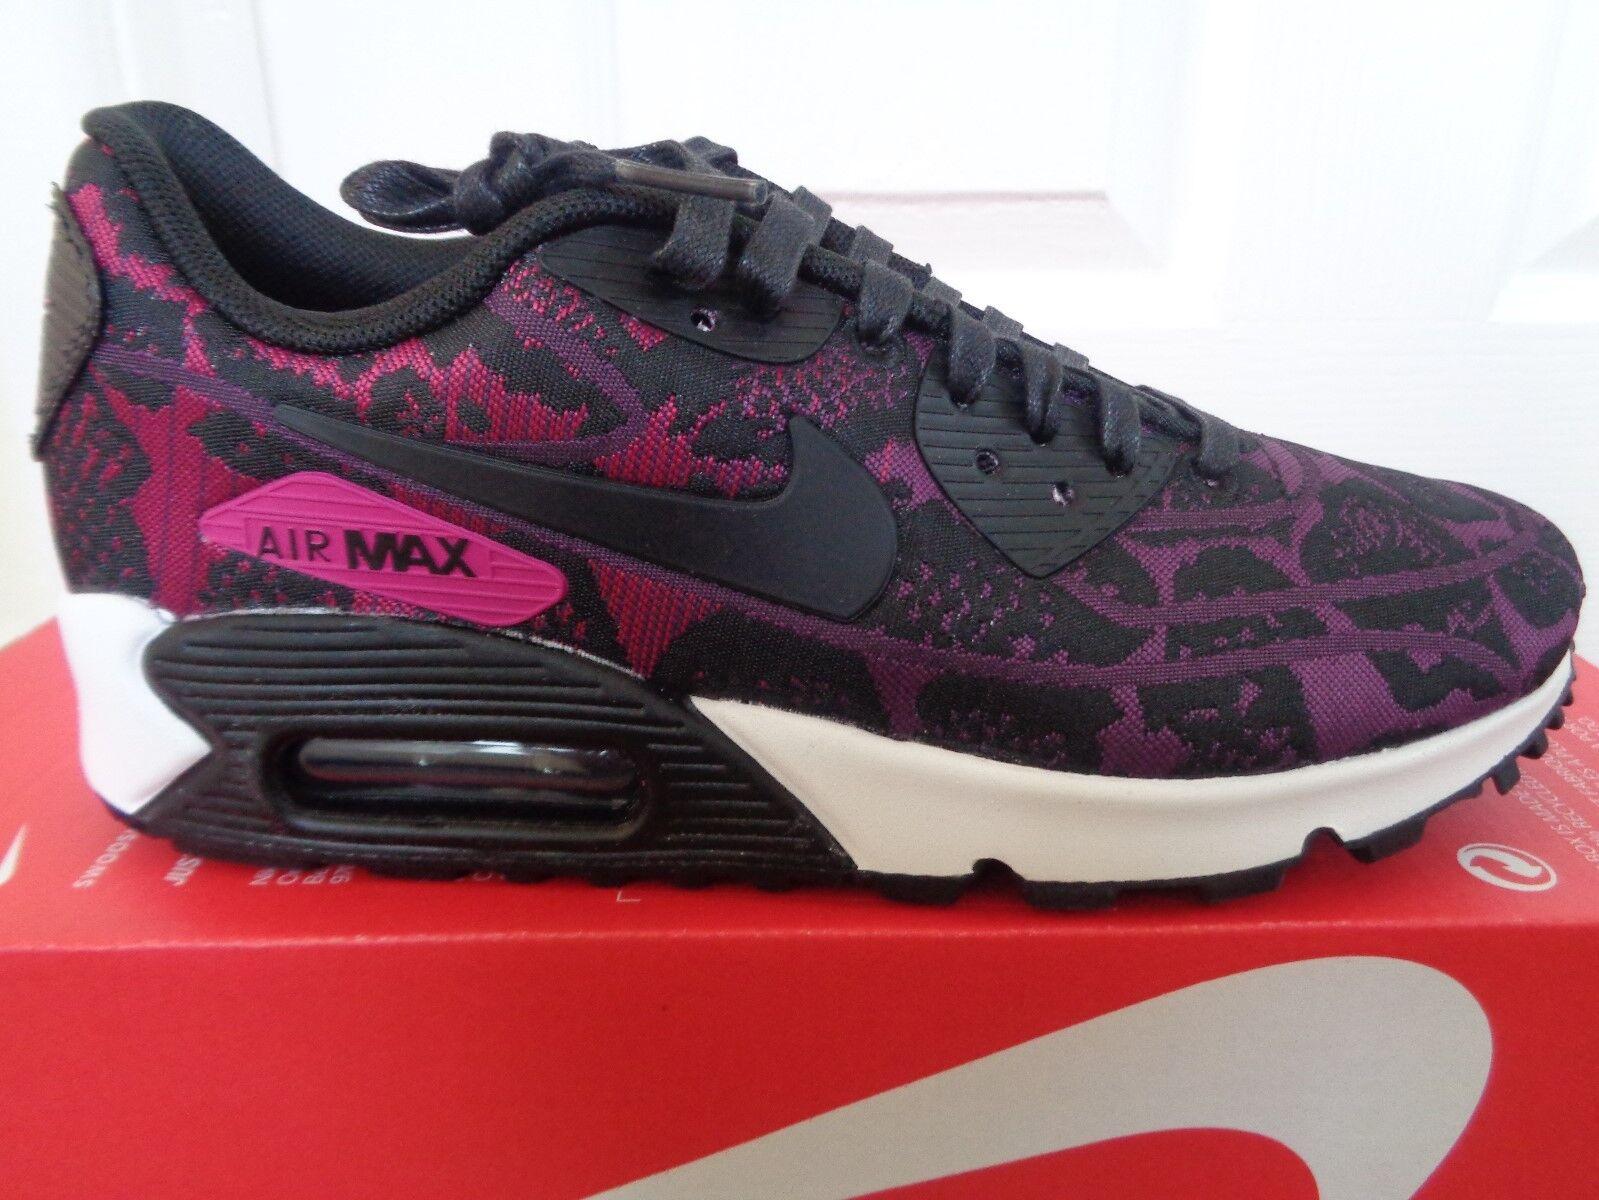 Nike AIR MAX JCRD 90 JCRD MAX Wmns Scarpe Da Ginnastica Scarpe Da Ginnastica 749326 500 EU 36 US 5.5 Nuovo + Scatola 87a281